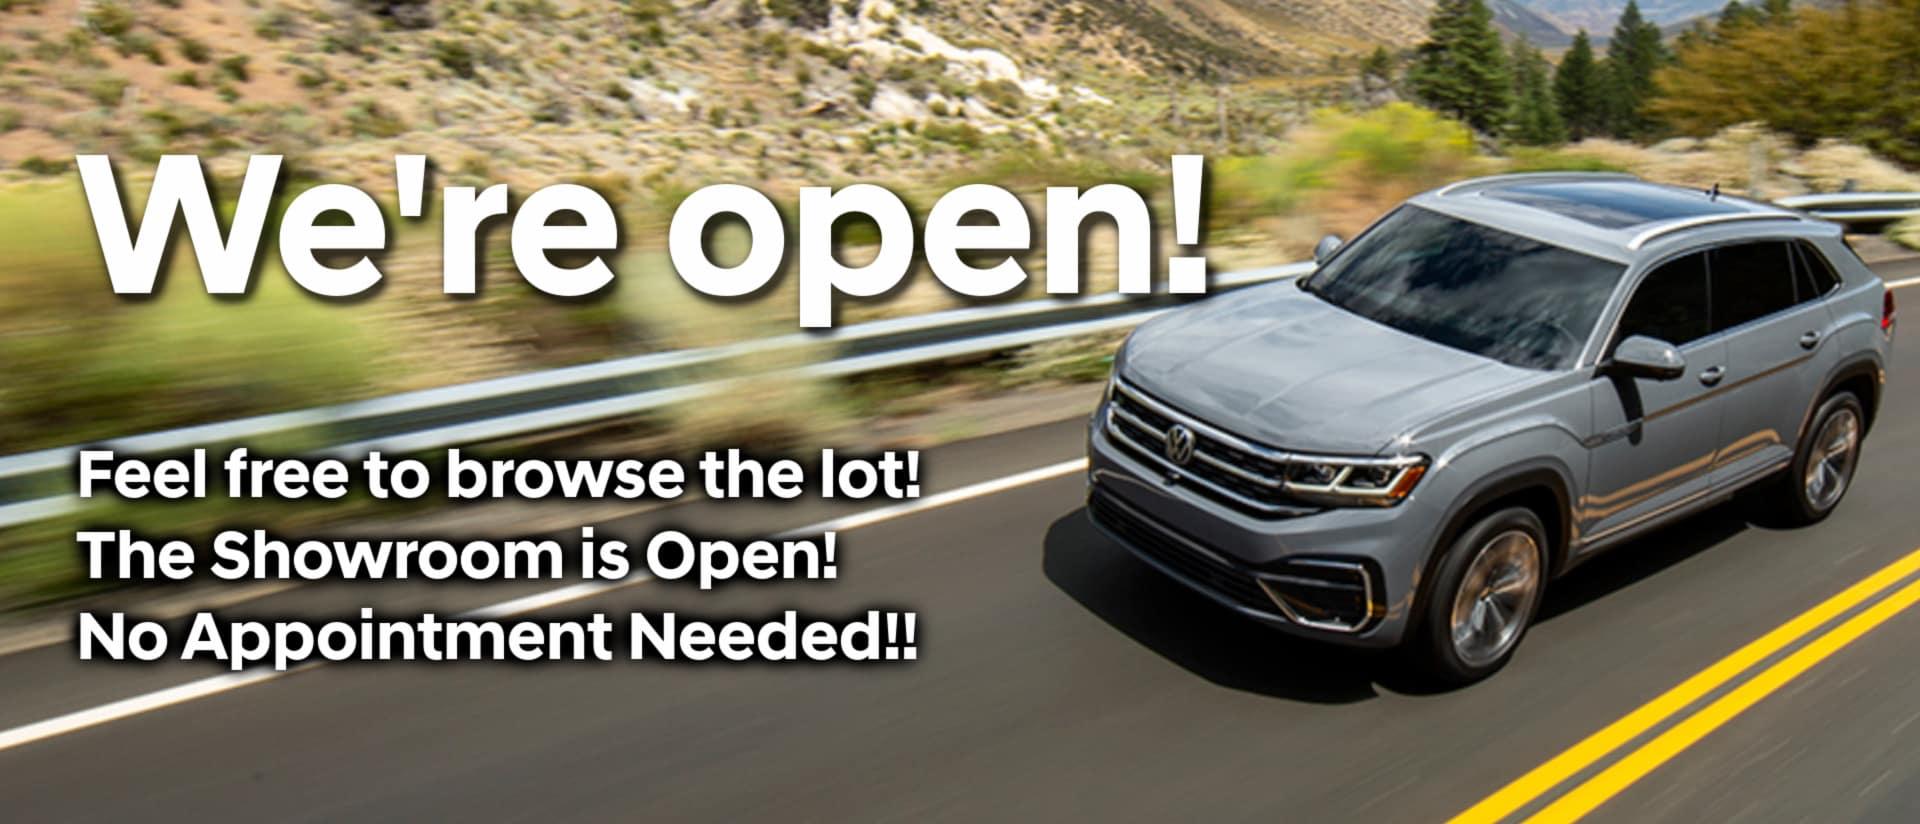 We're Open VW – Desktop